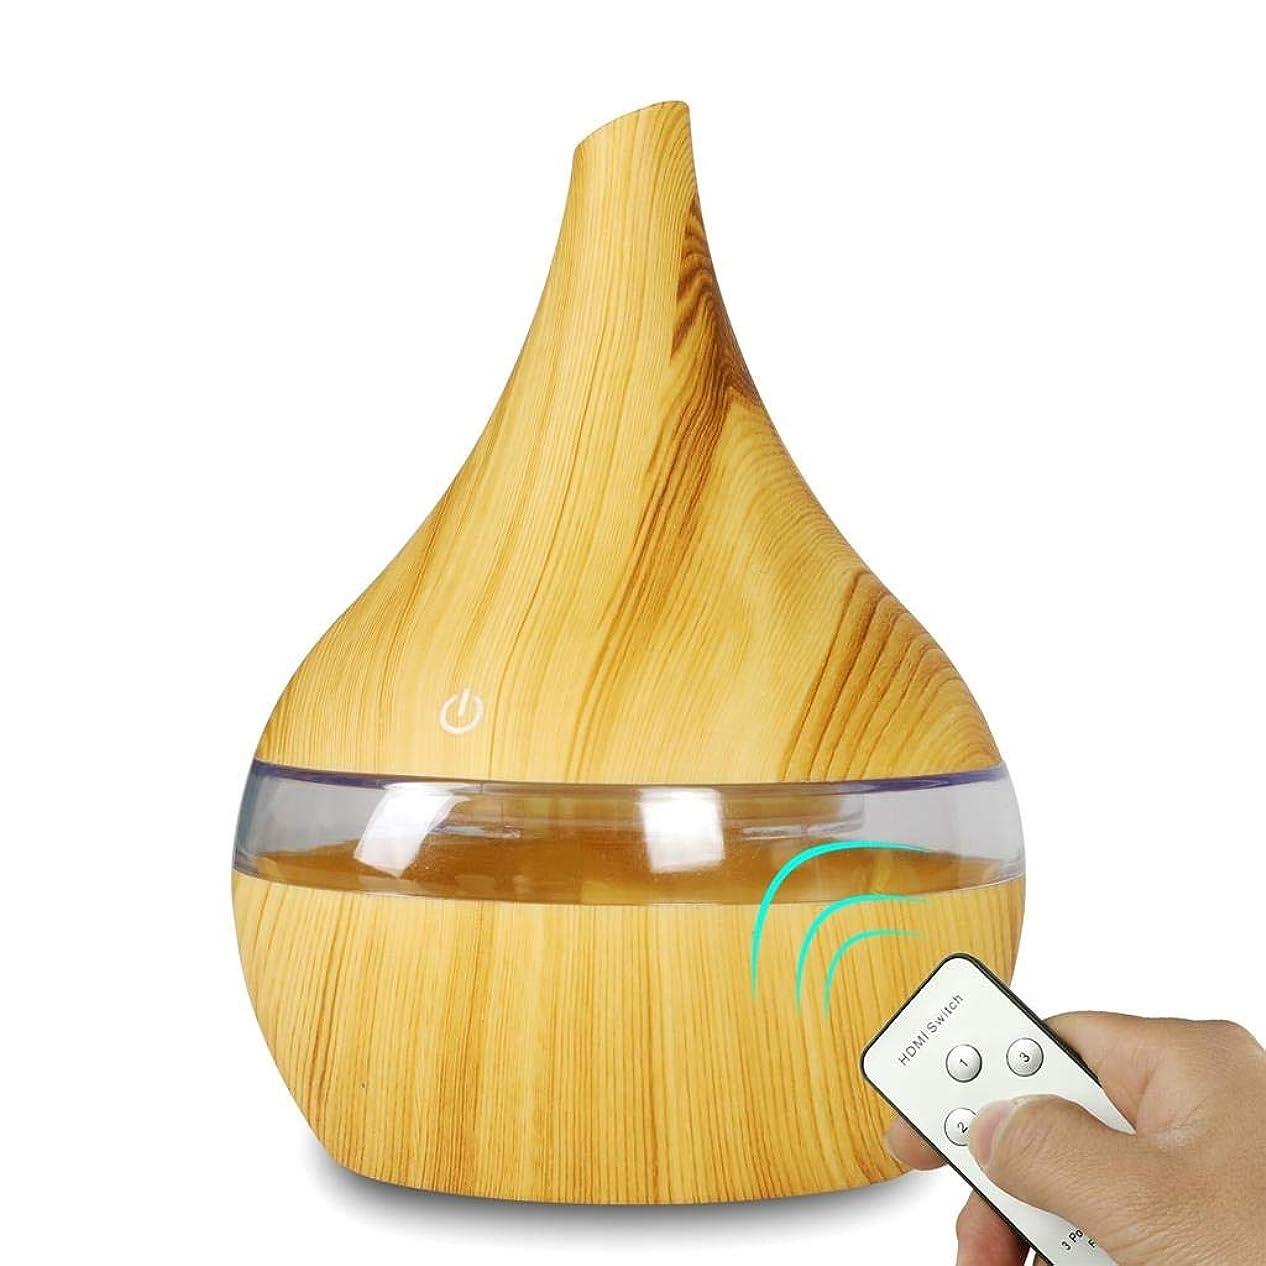 超音波式 アロマ加湿器 搭载防空烧功能 ミスト アロマ フレグランス 癒し リラックス 調光 LED 寝室 (Color : Light wood)